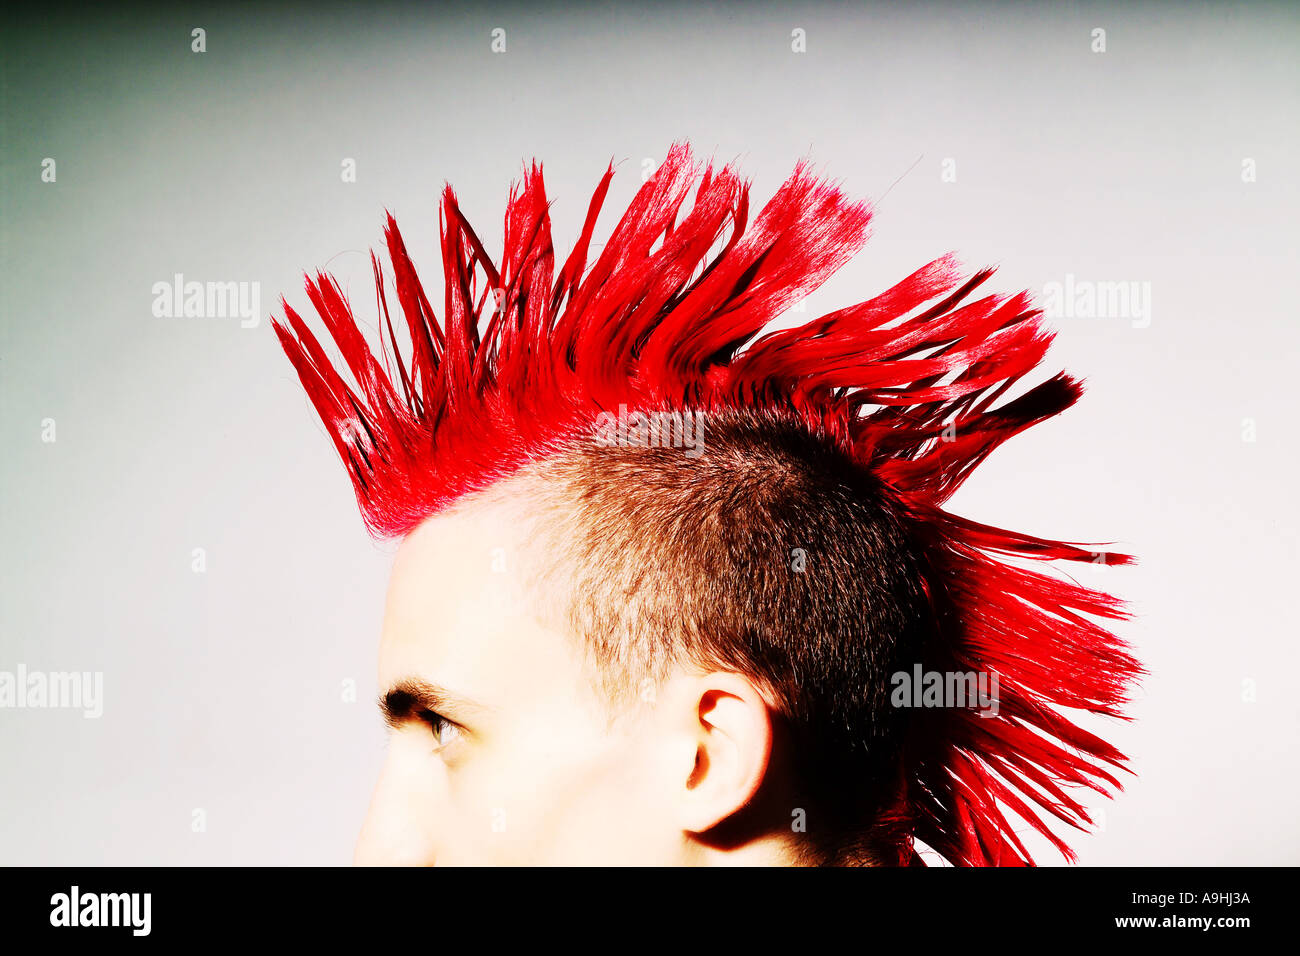 Vue latérale du Punk Rocker avec mohican rouge Banque D'Images